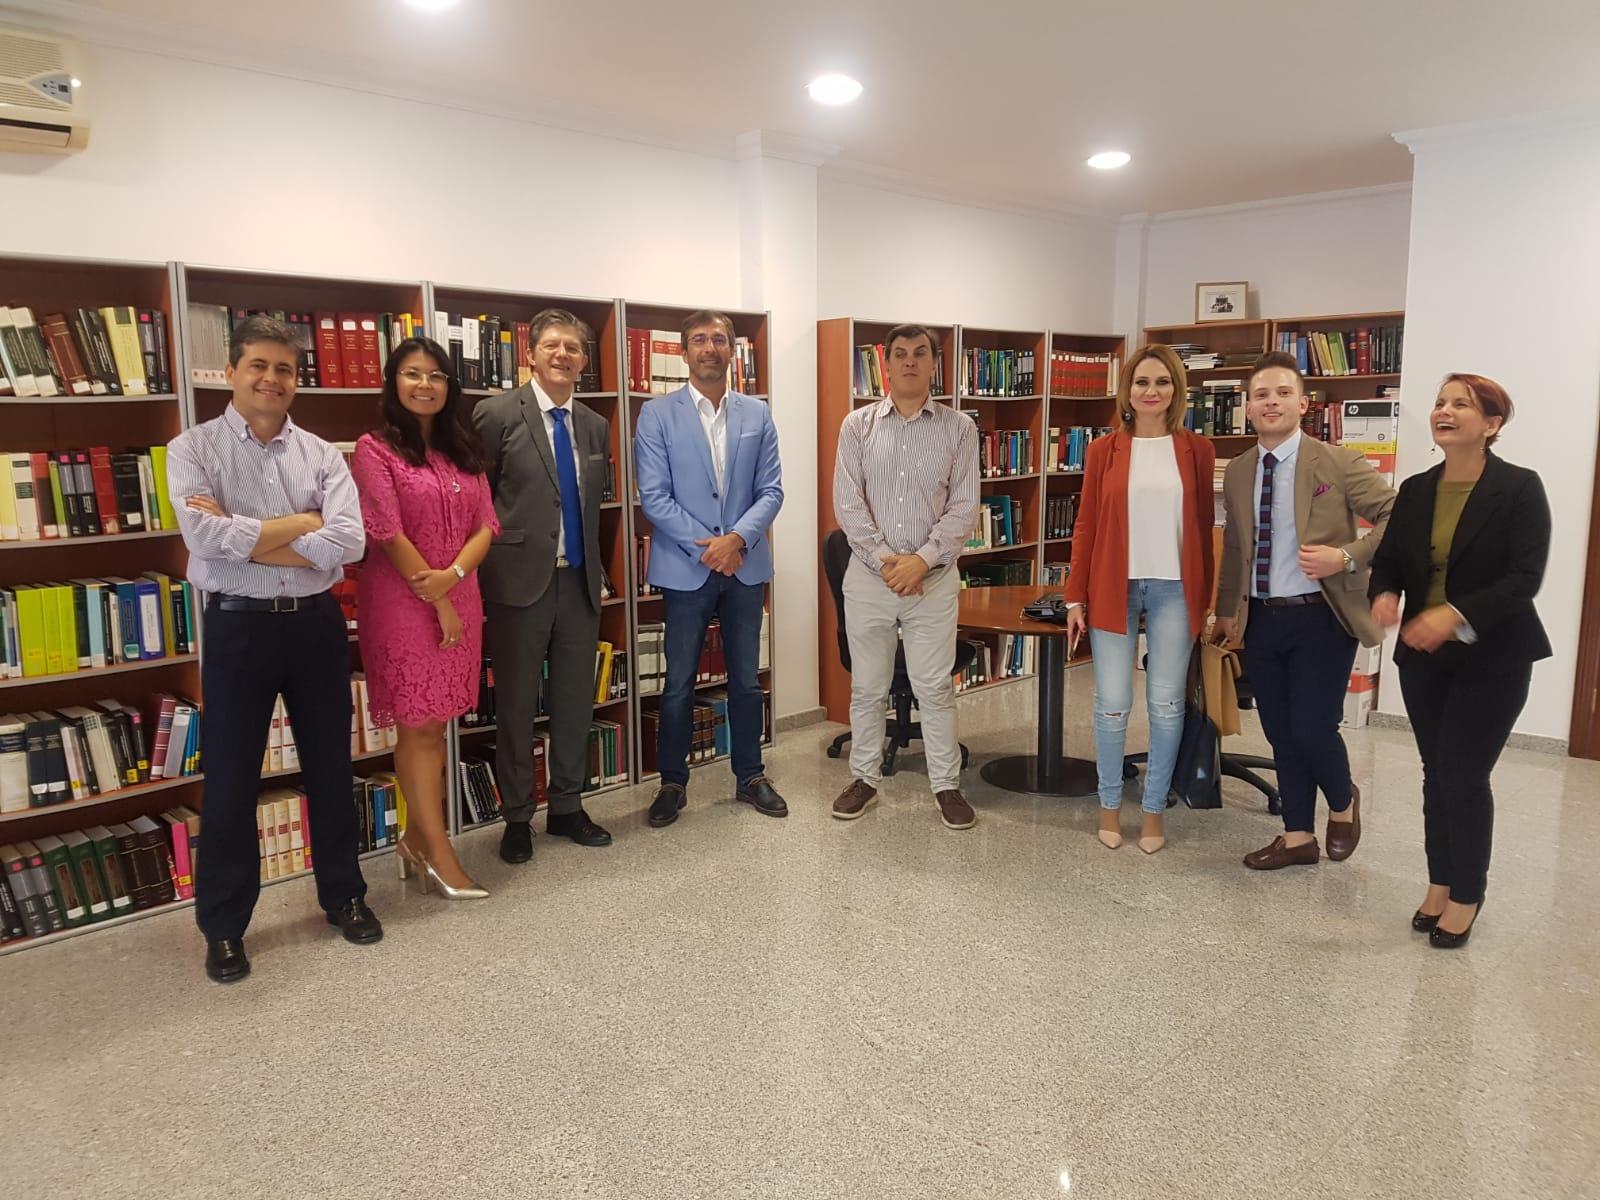 El Colegio de la Abogacía de Lanzarote ya cuenta con una sala de formación y los medios técnicos necesarios para el desarrollo del servicio de asistencia jurídica gratuita en la isla